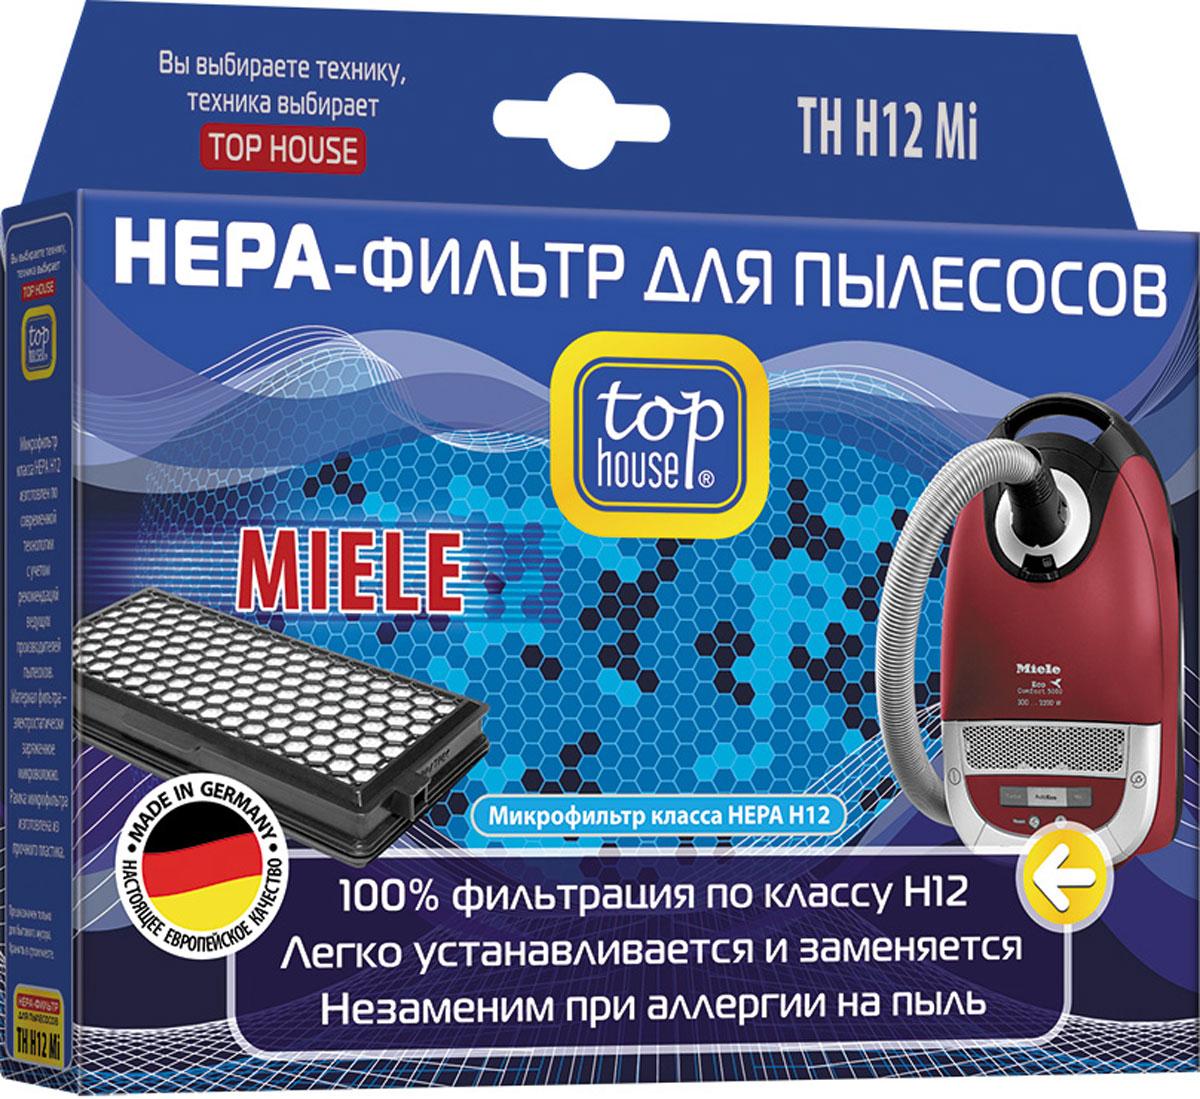 Top House 12870 TH H12 Mi HEPA-фильтр для пылесосов Miele